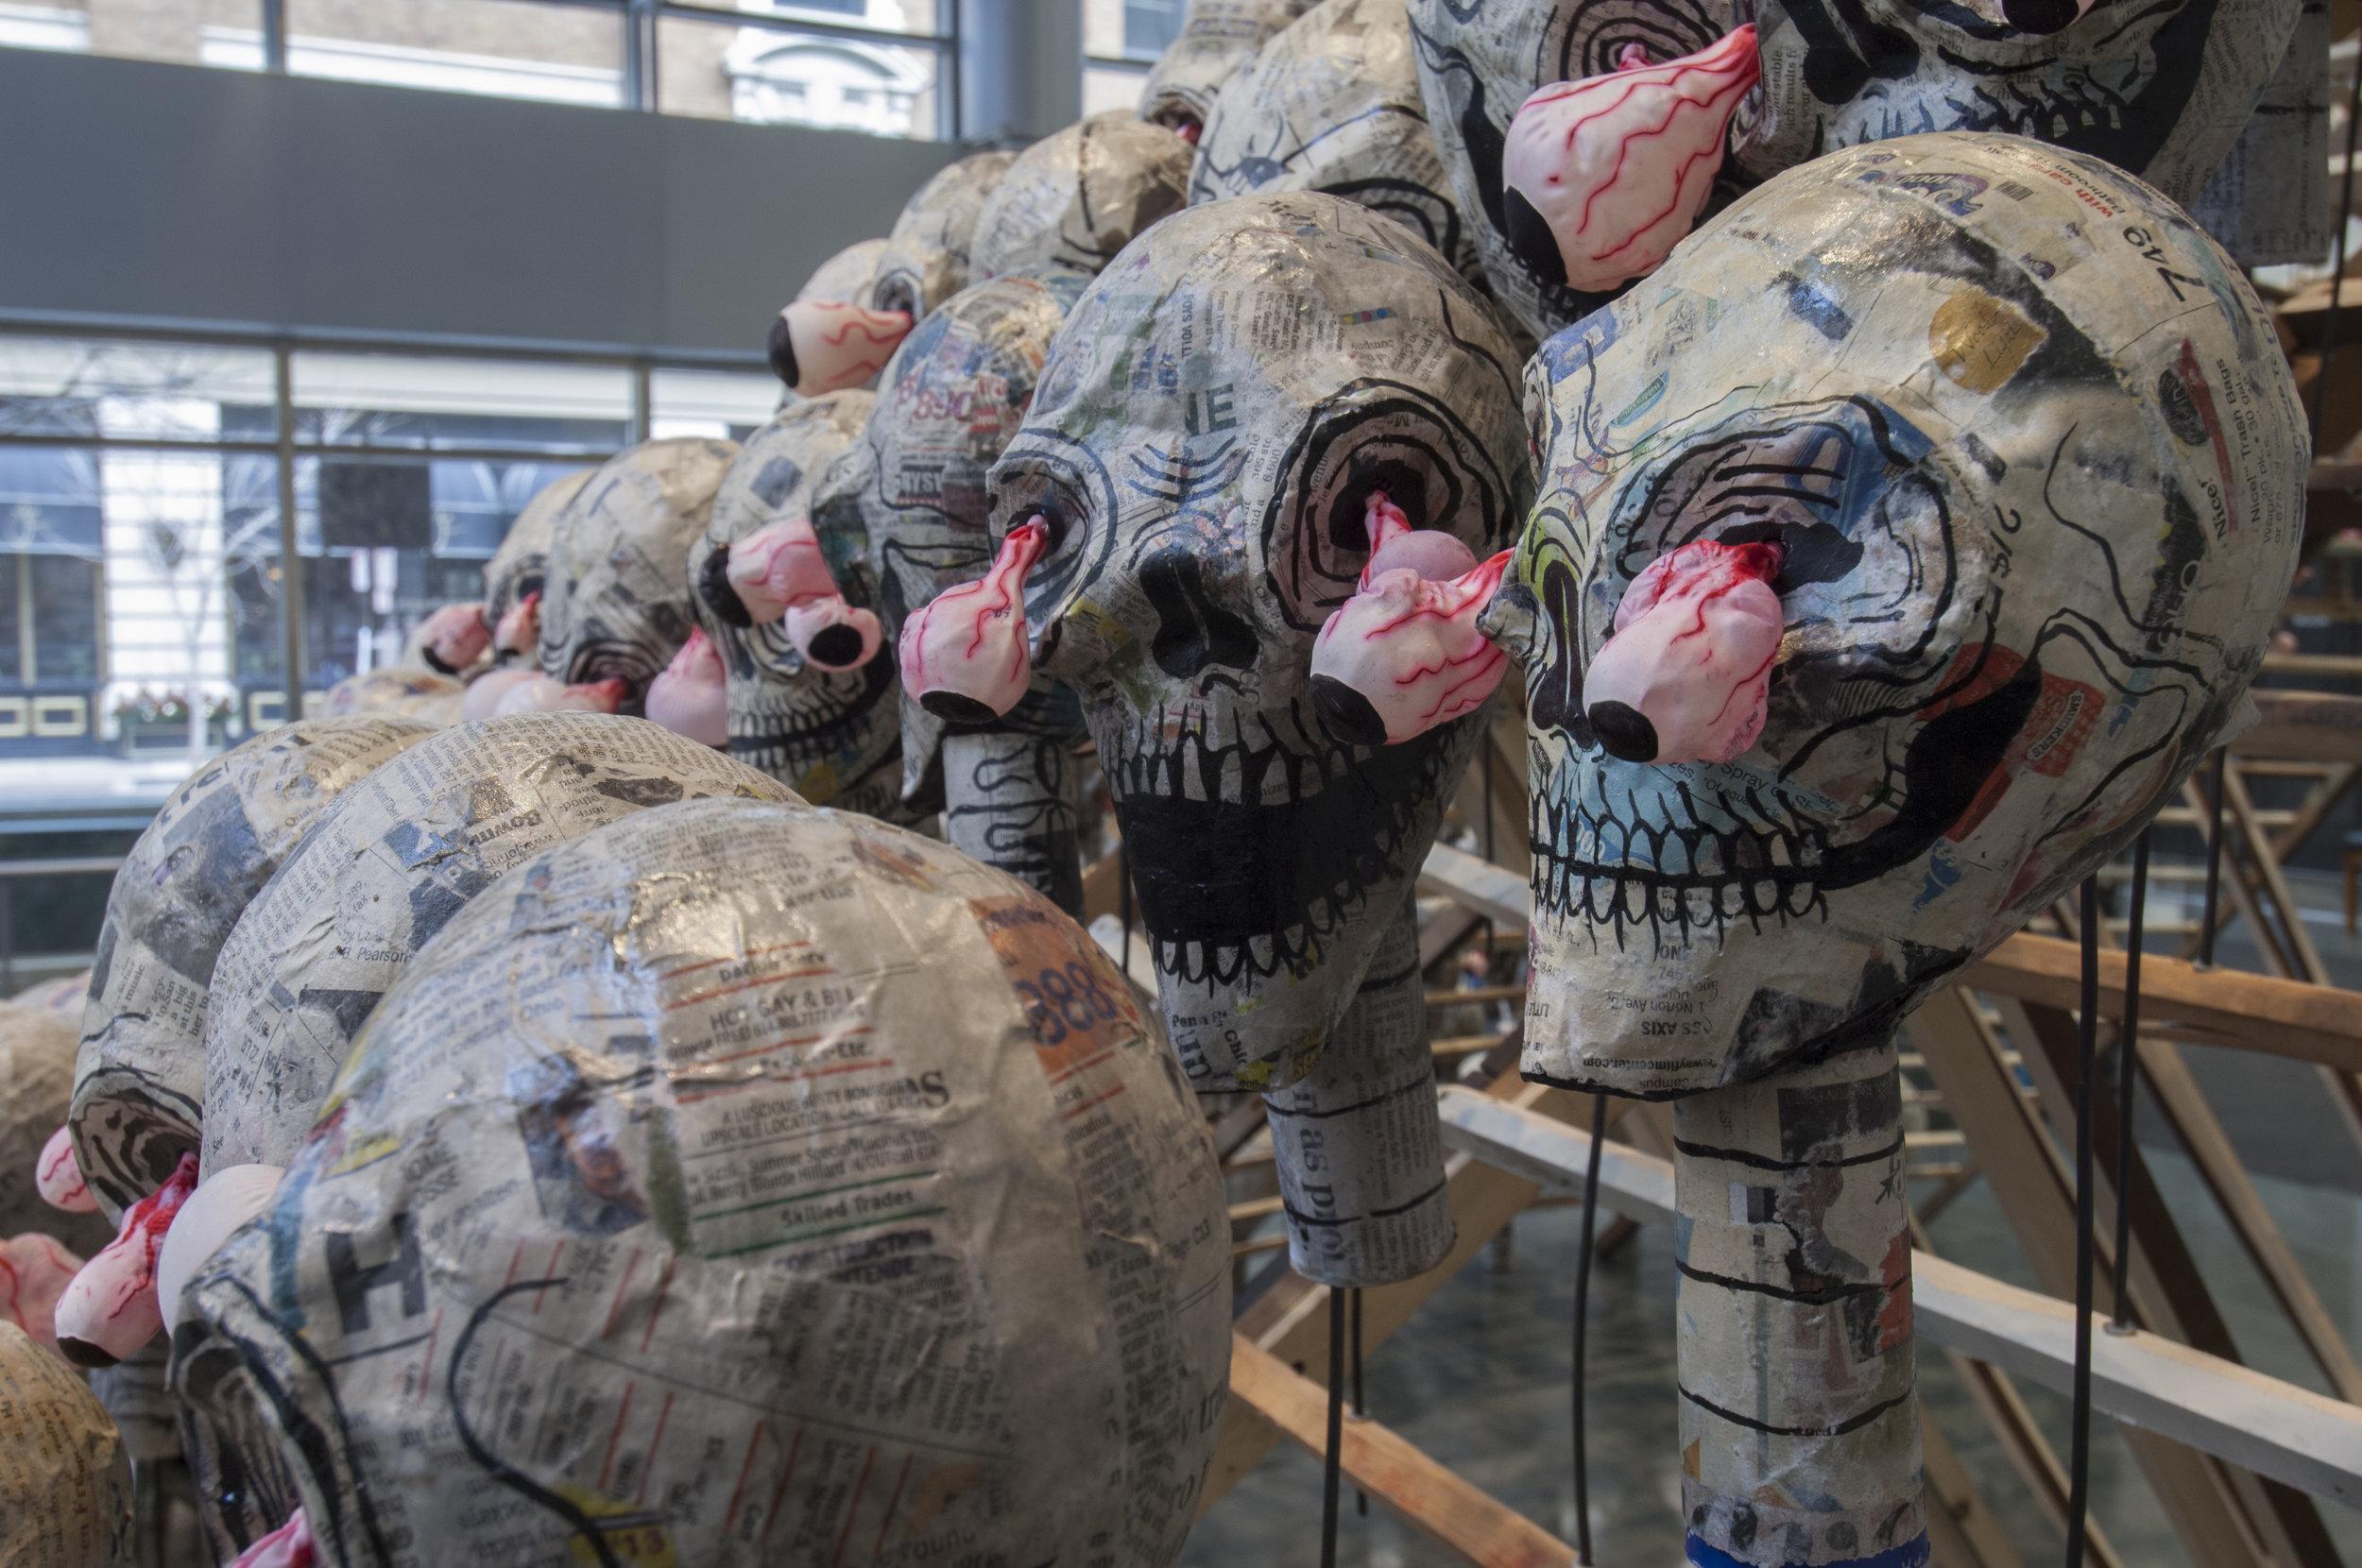 Rietenbach-Tim-The-Man-detail-2014-papier-mache-skulls.jpg